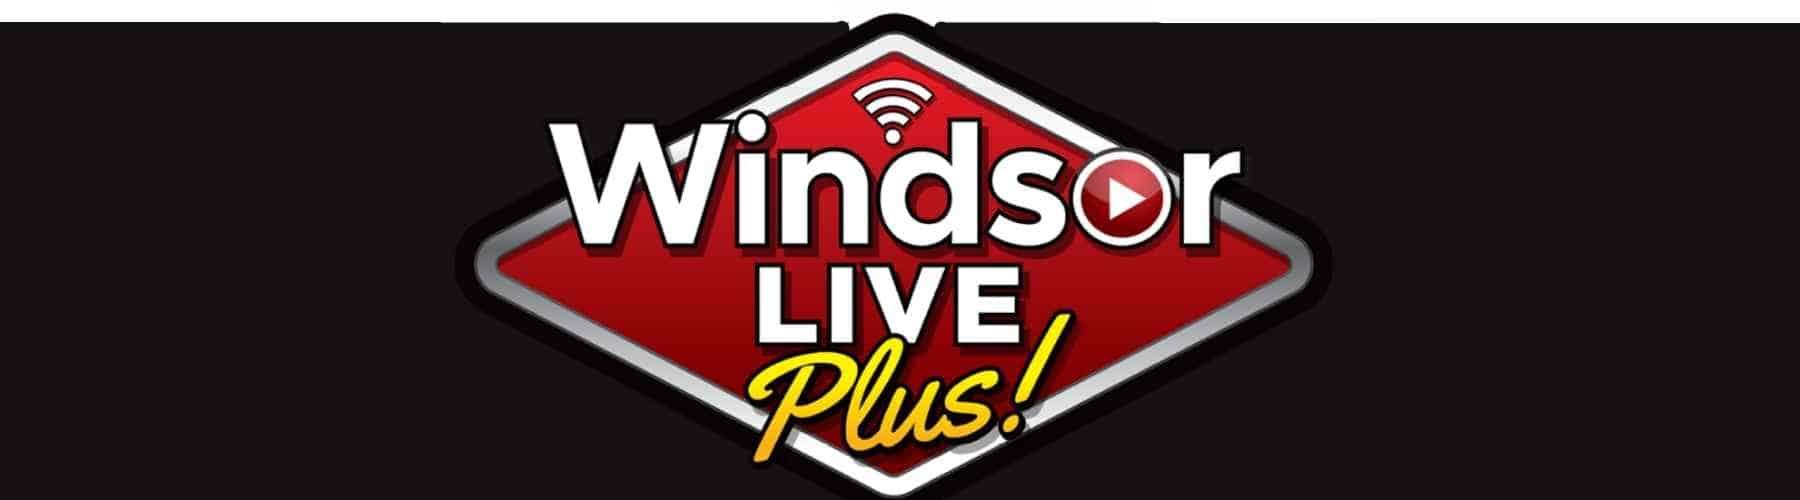 windsor-live-plus